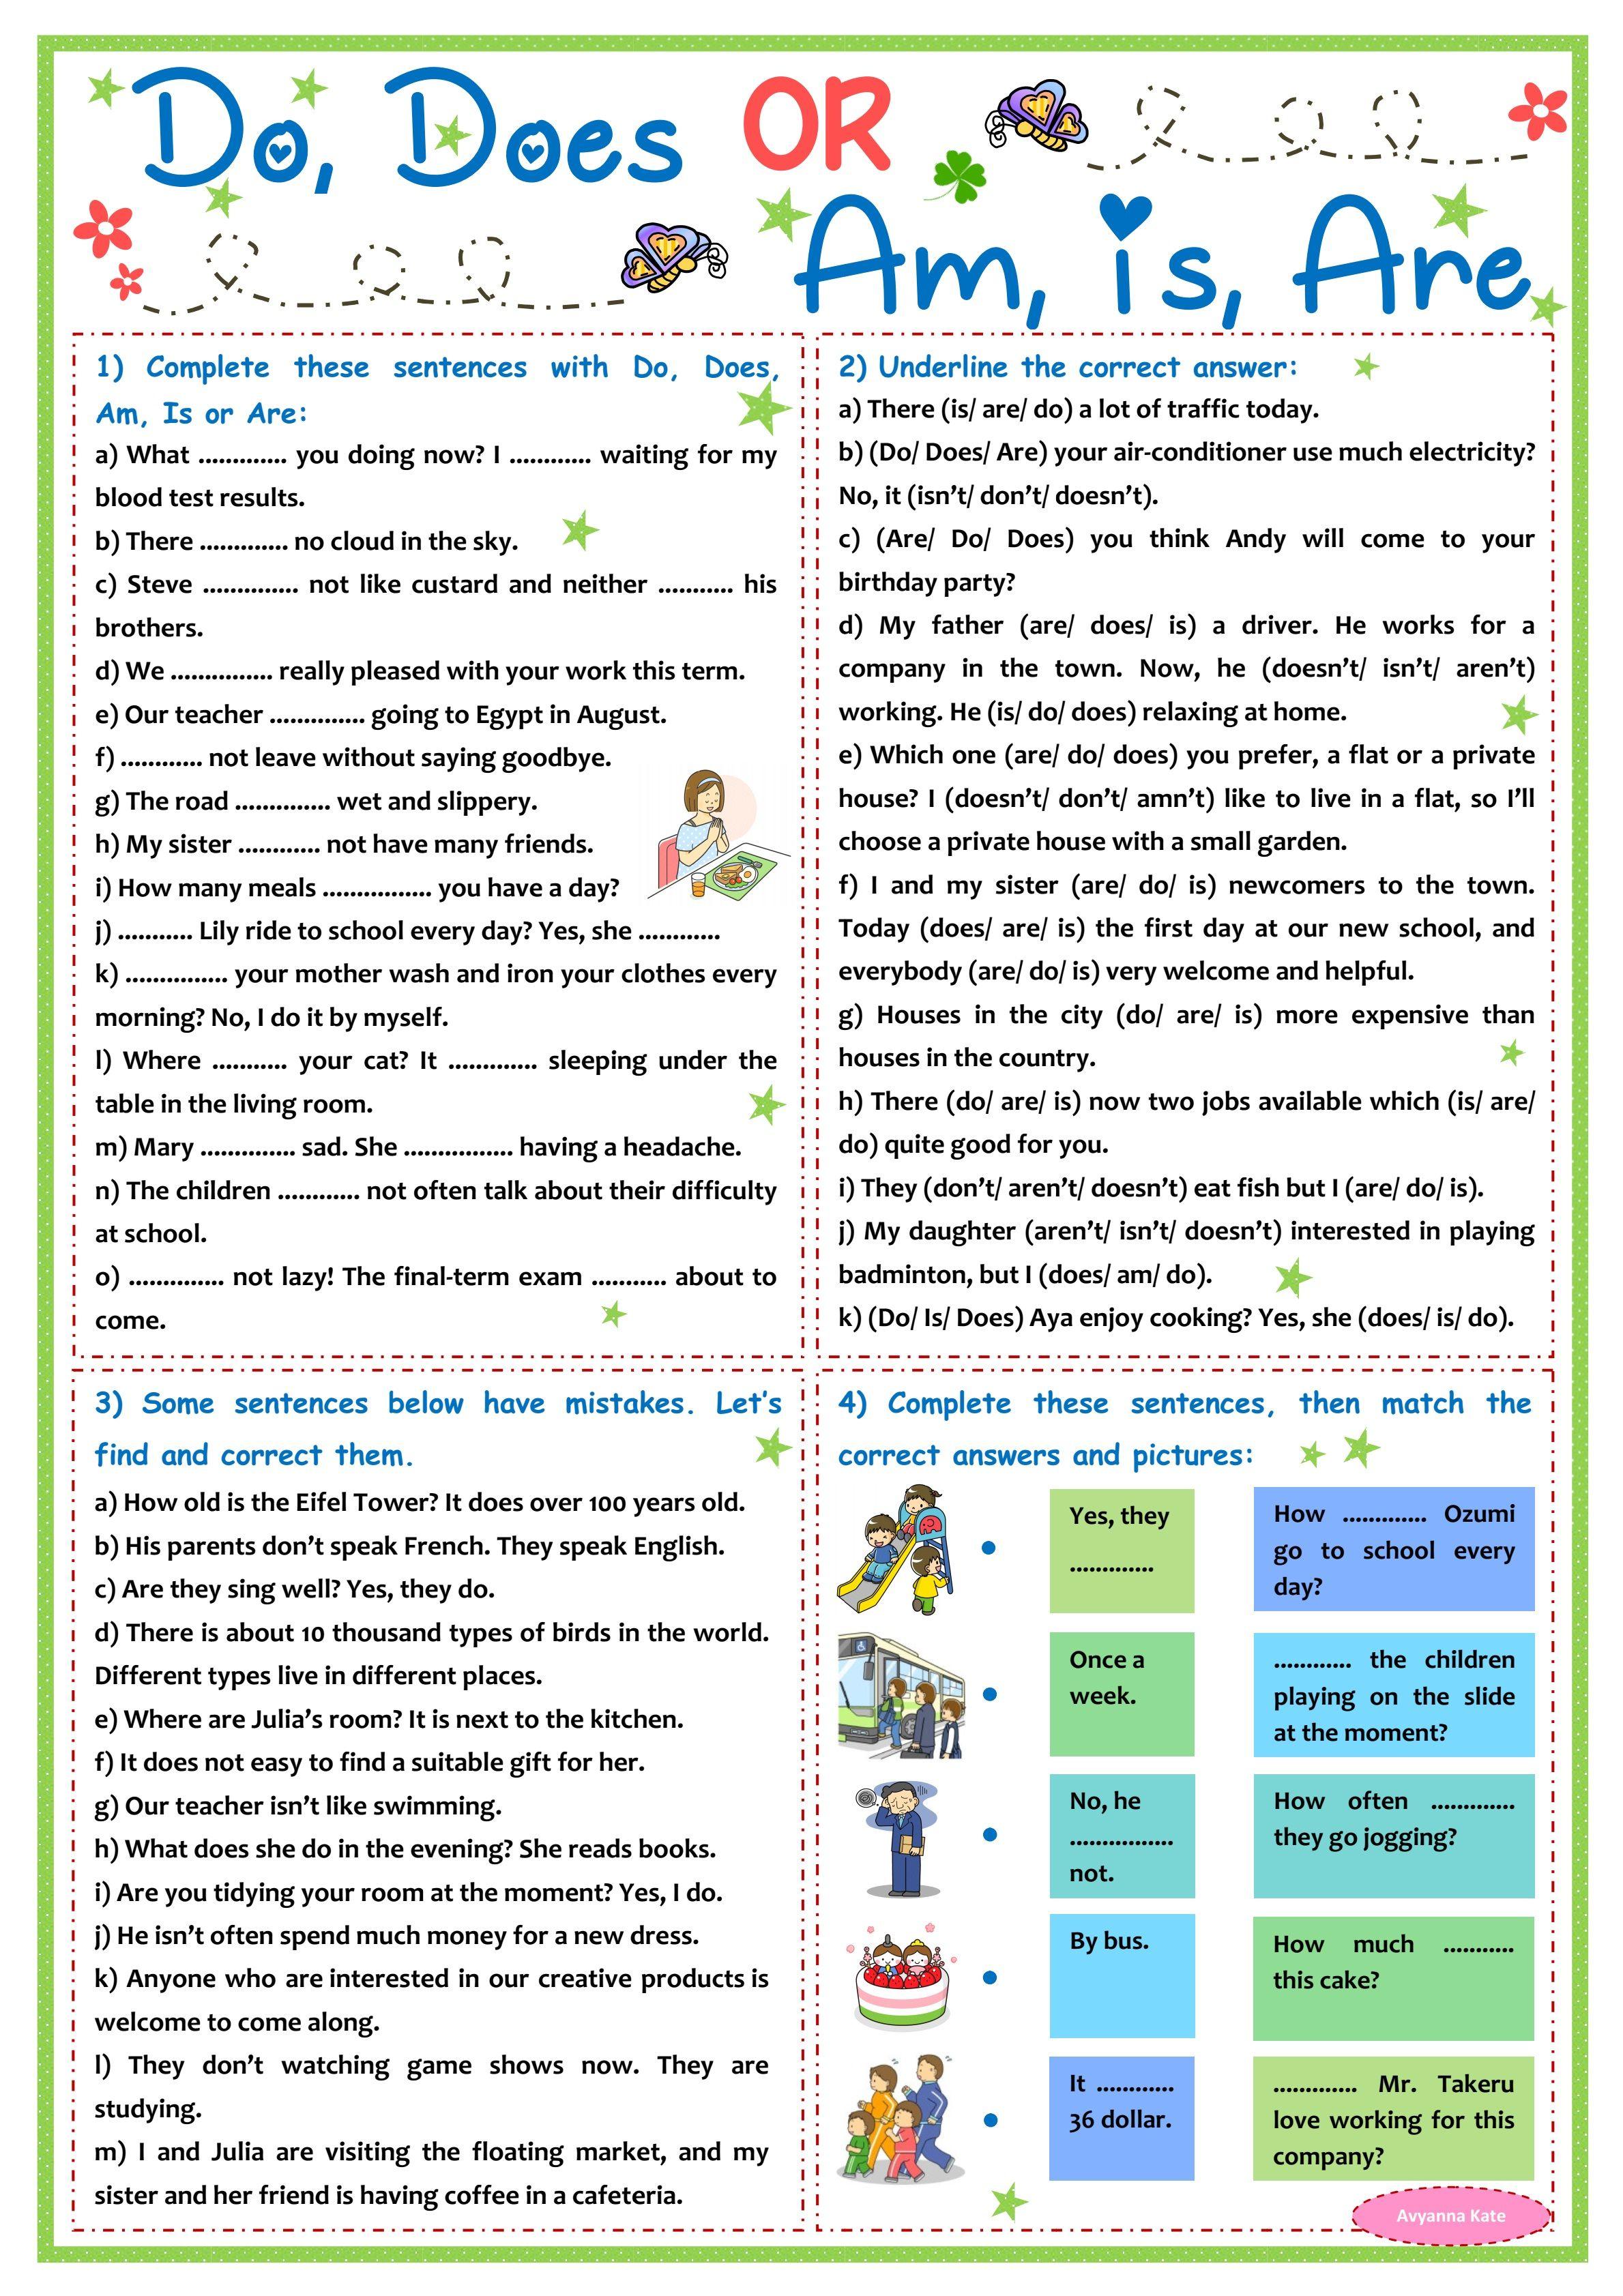 Auxiliary Verb Worksheet Pdf P10 English Grammar Exercises English Grammar For Kids English Writing Skills [ 3366 x 2379 Pixel ]